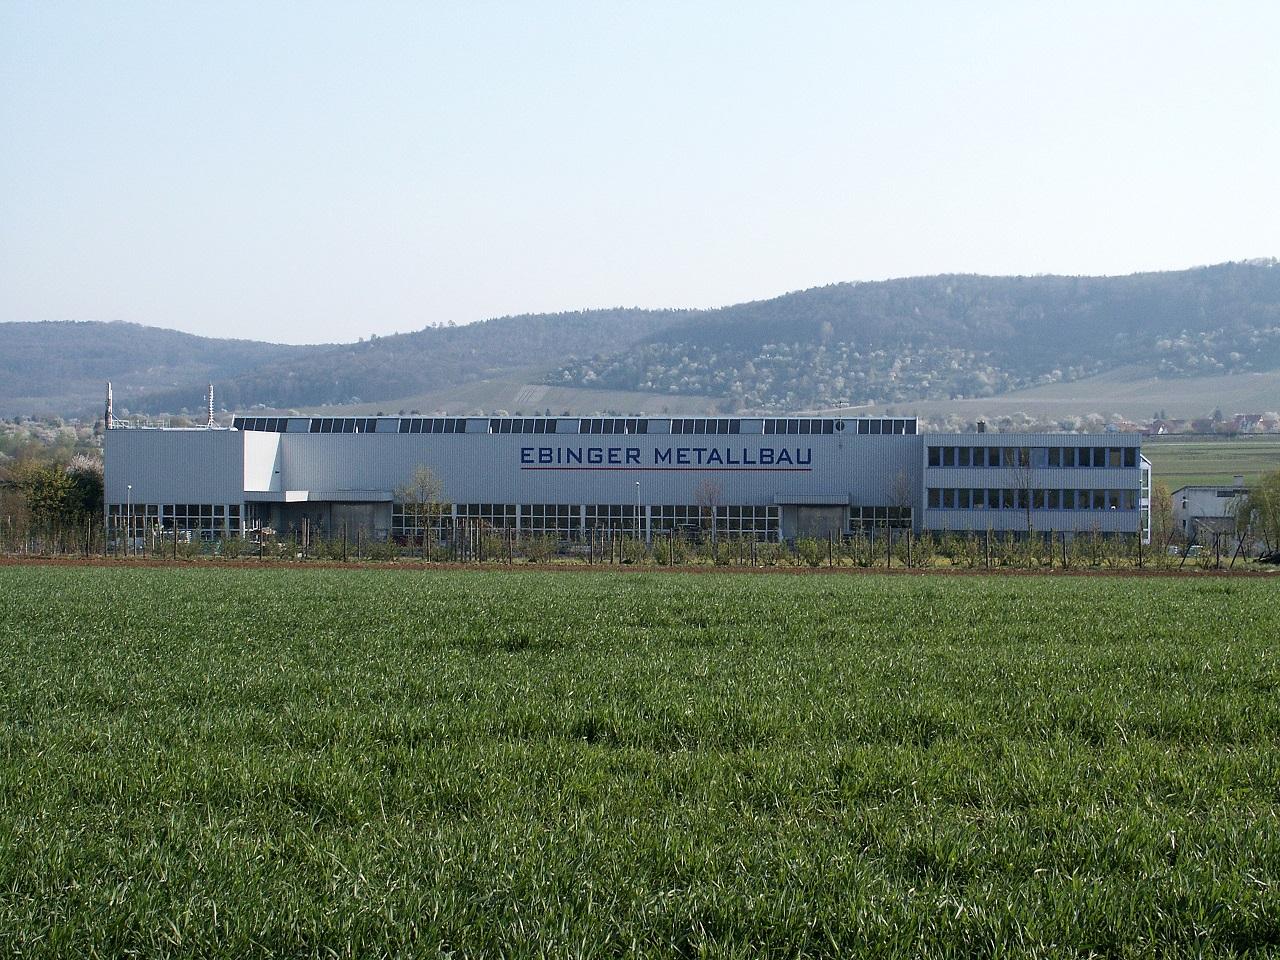 Ebinger GmbH & Co. KG